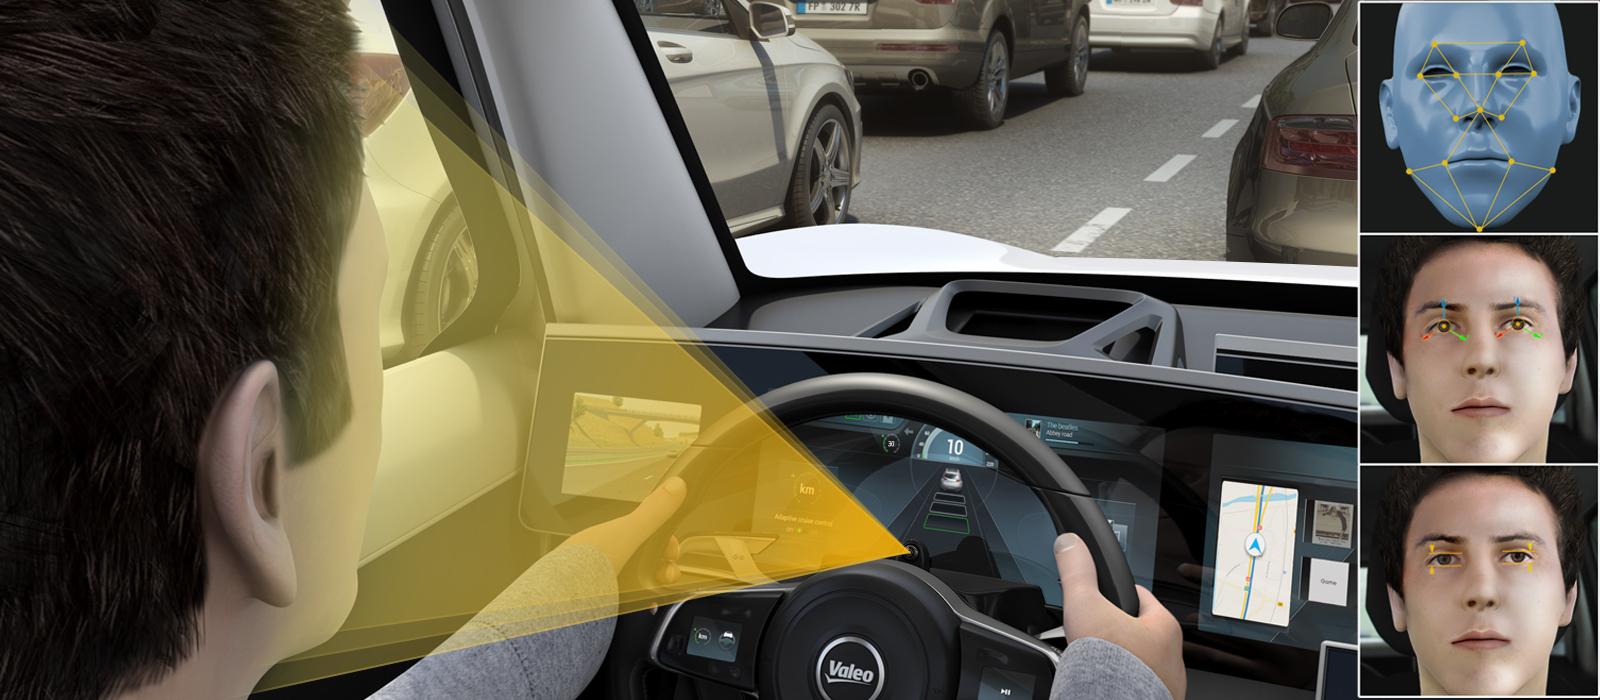 Driver Monitoring: a camera to monitor driver alertness